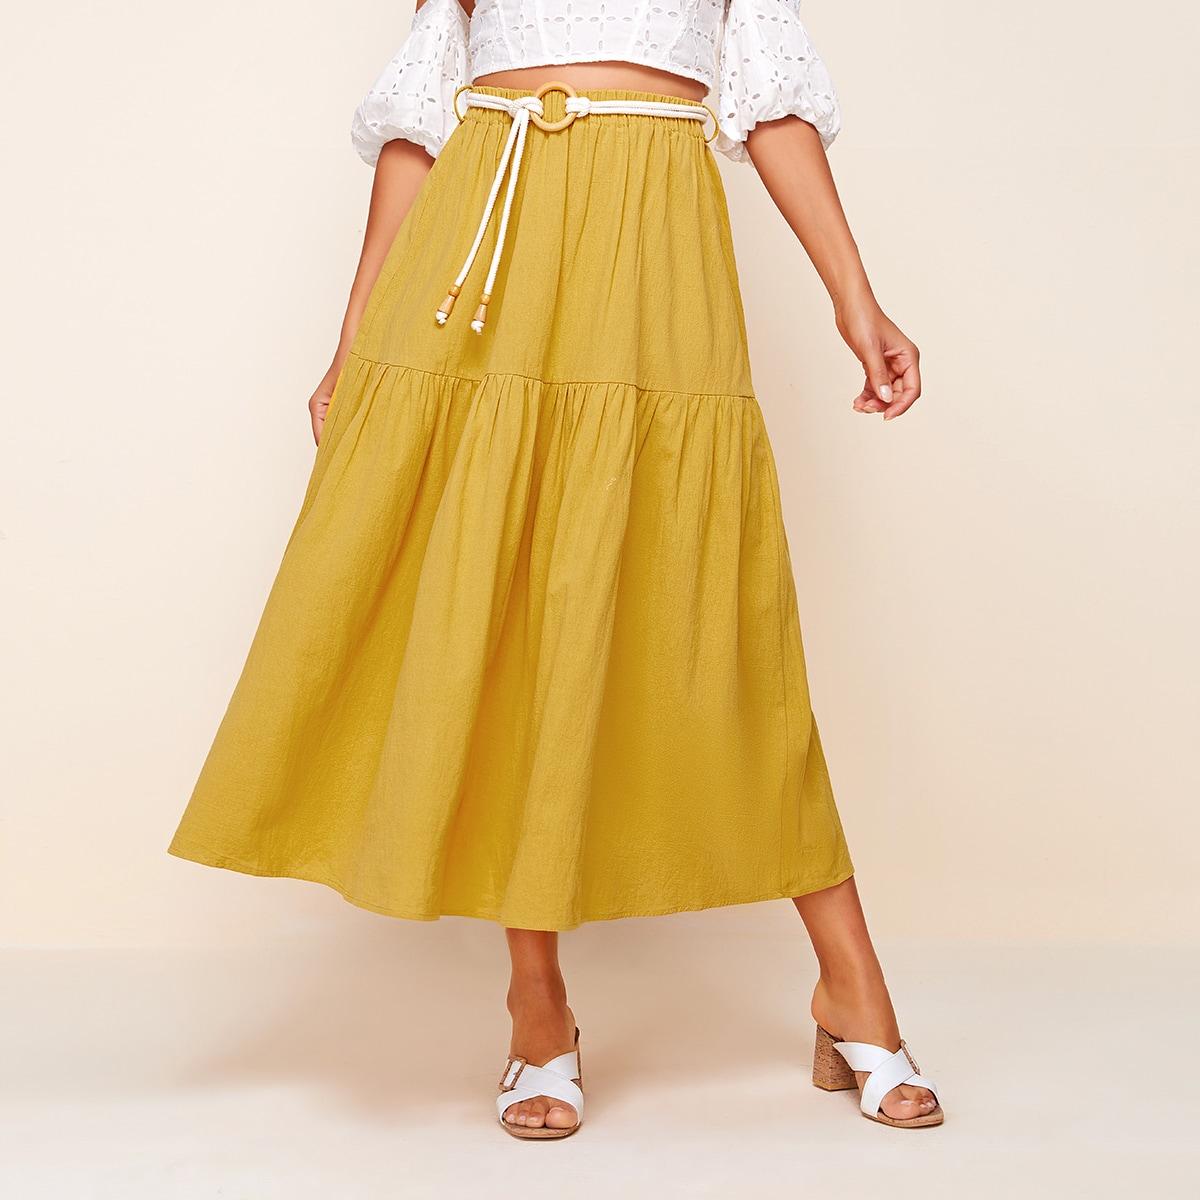 Расклешенная юбка с поясом и эластичной талией фото